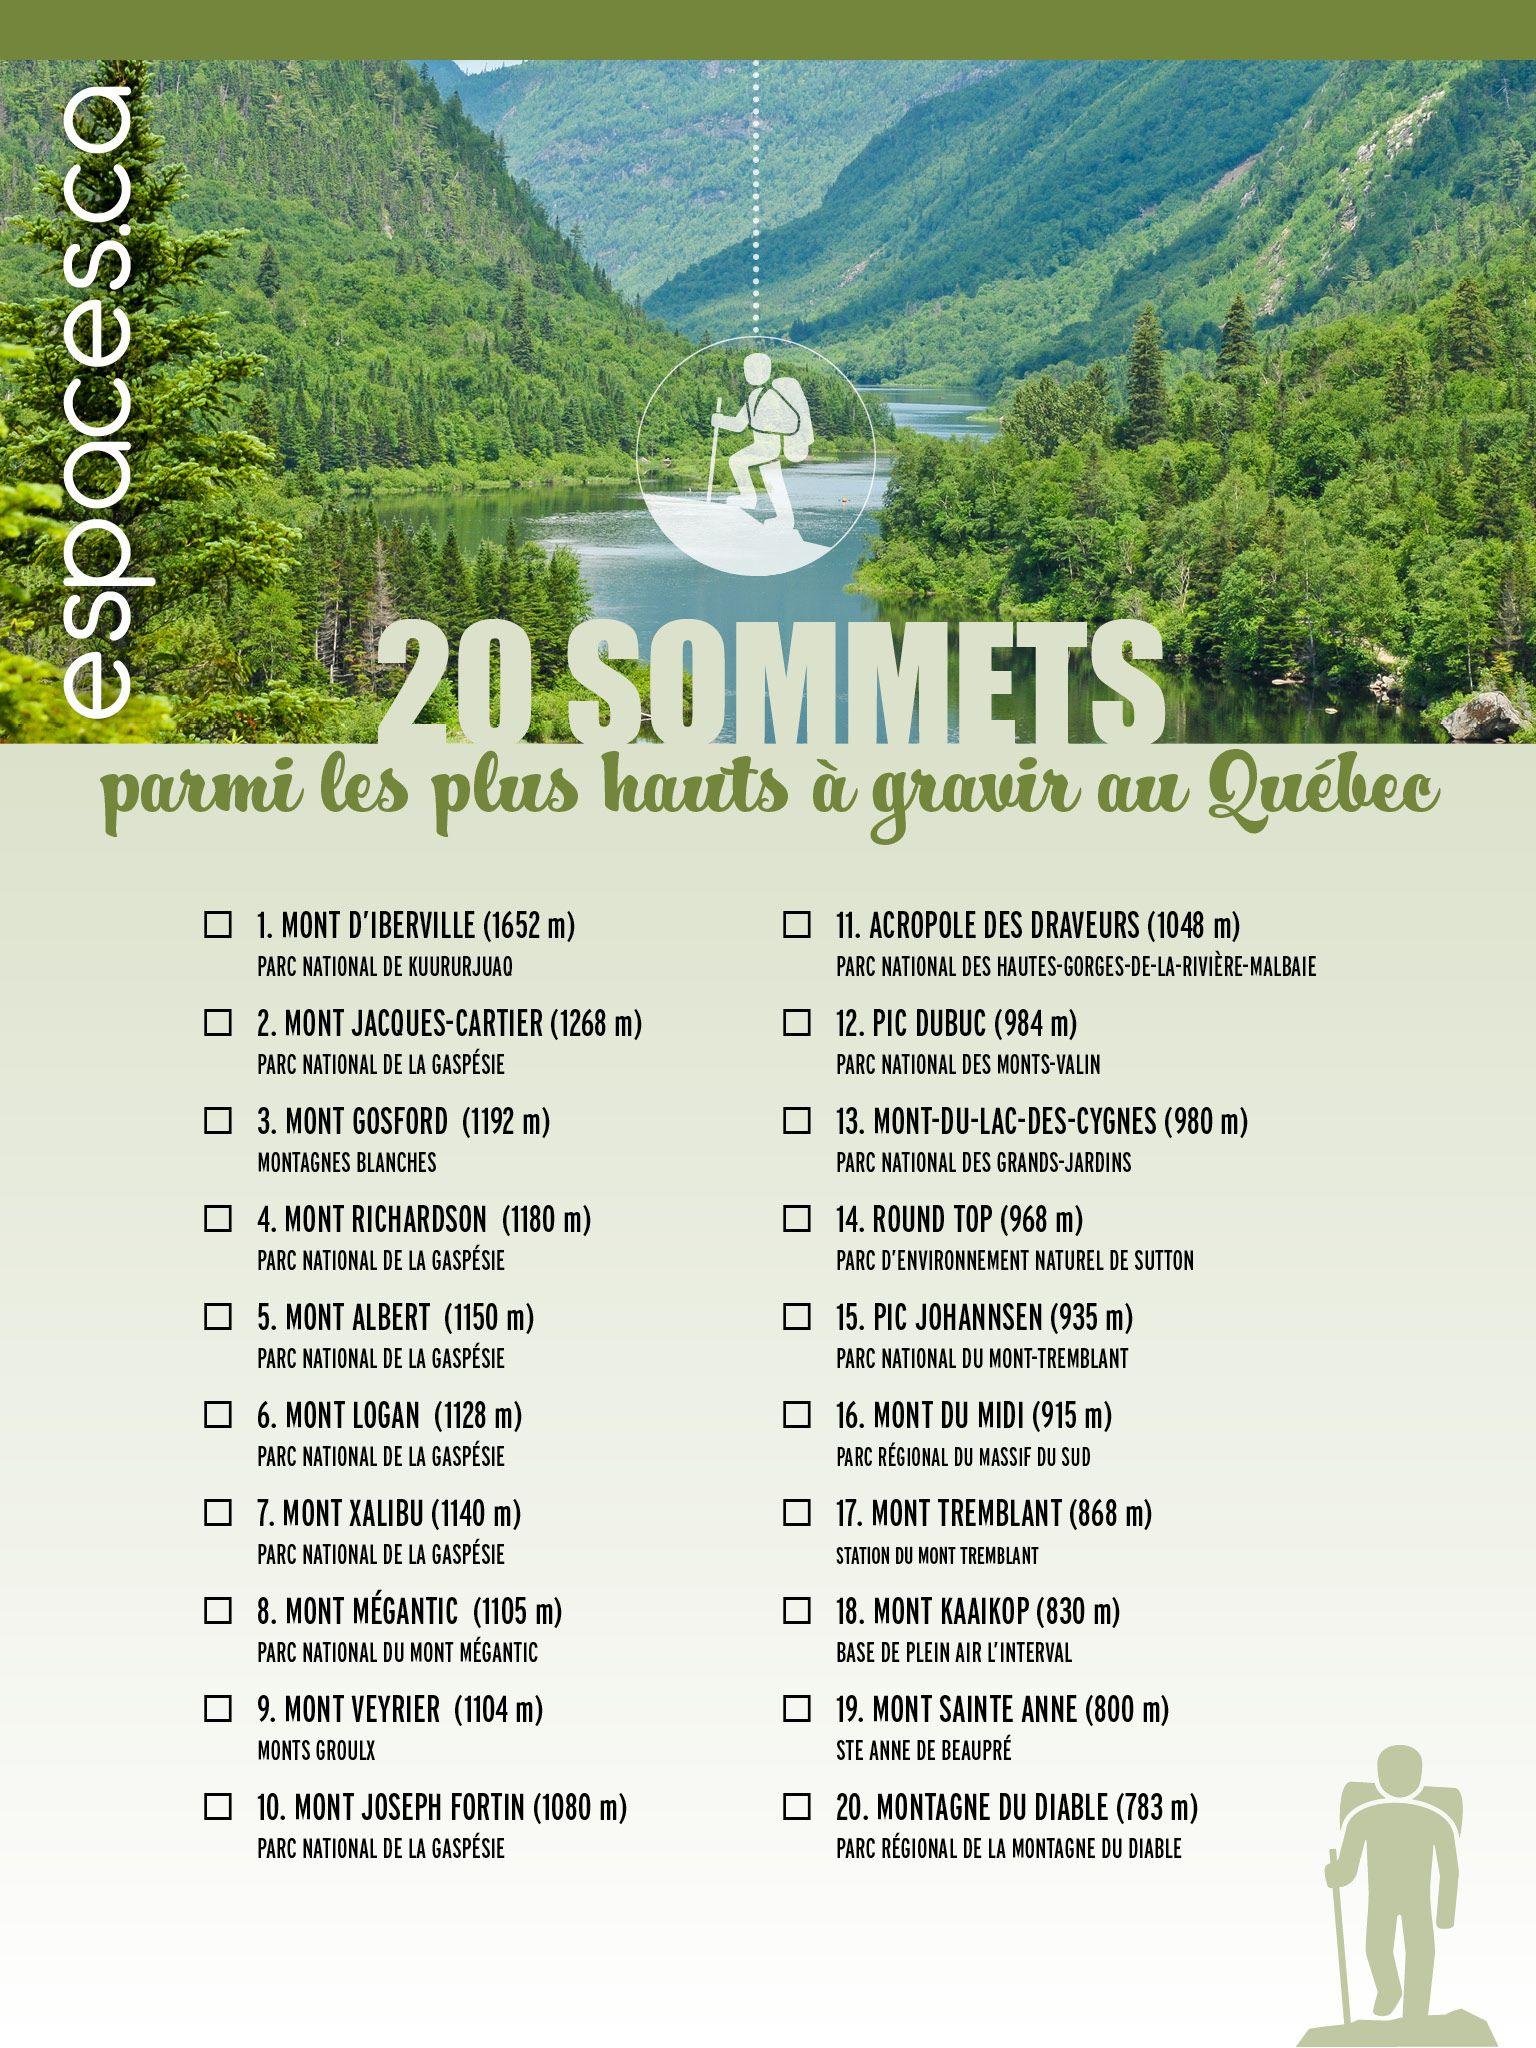 20 sommets parmi les plus hauts à gravir au Québec   Espaces ... on